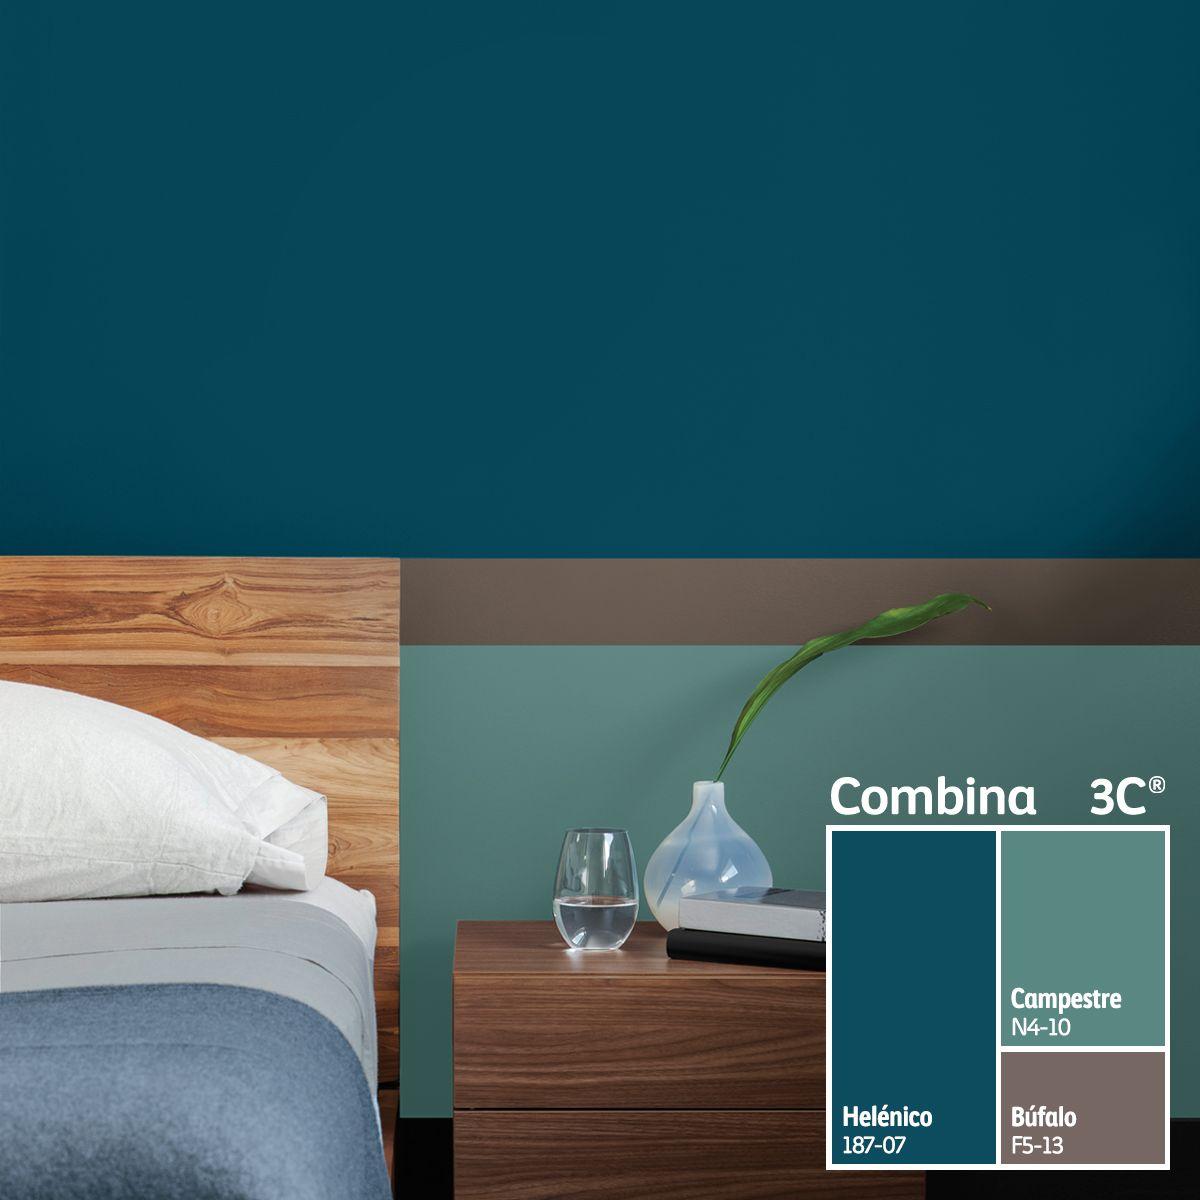 los colores fros son sobrios y elegantes son ideales para darle a tu hogar colores